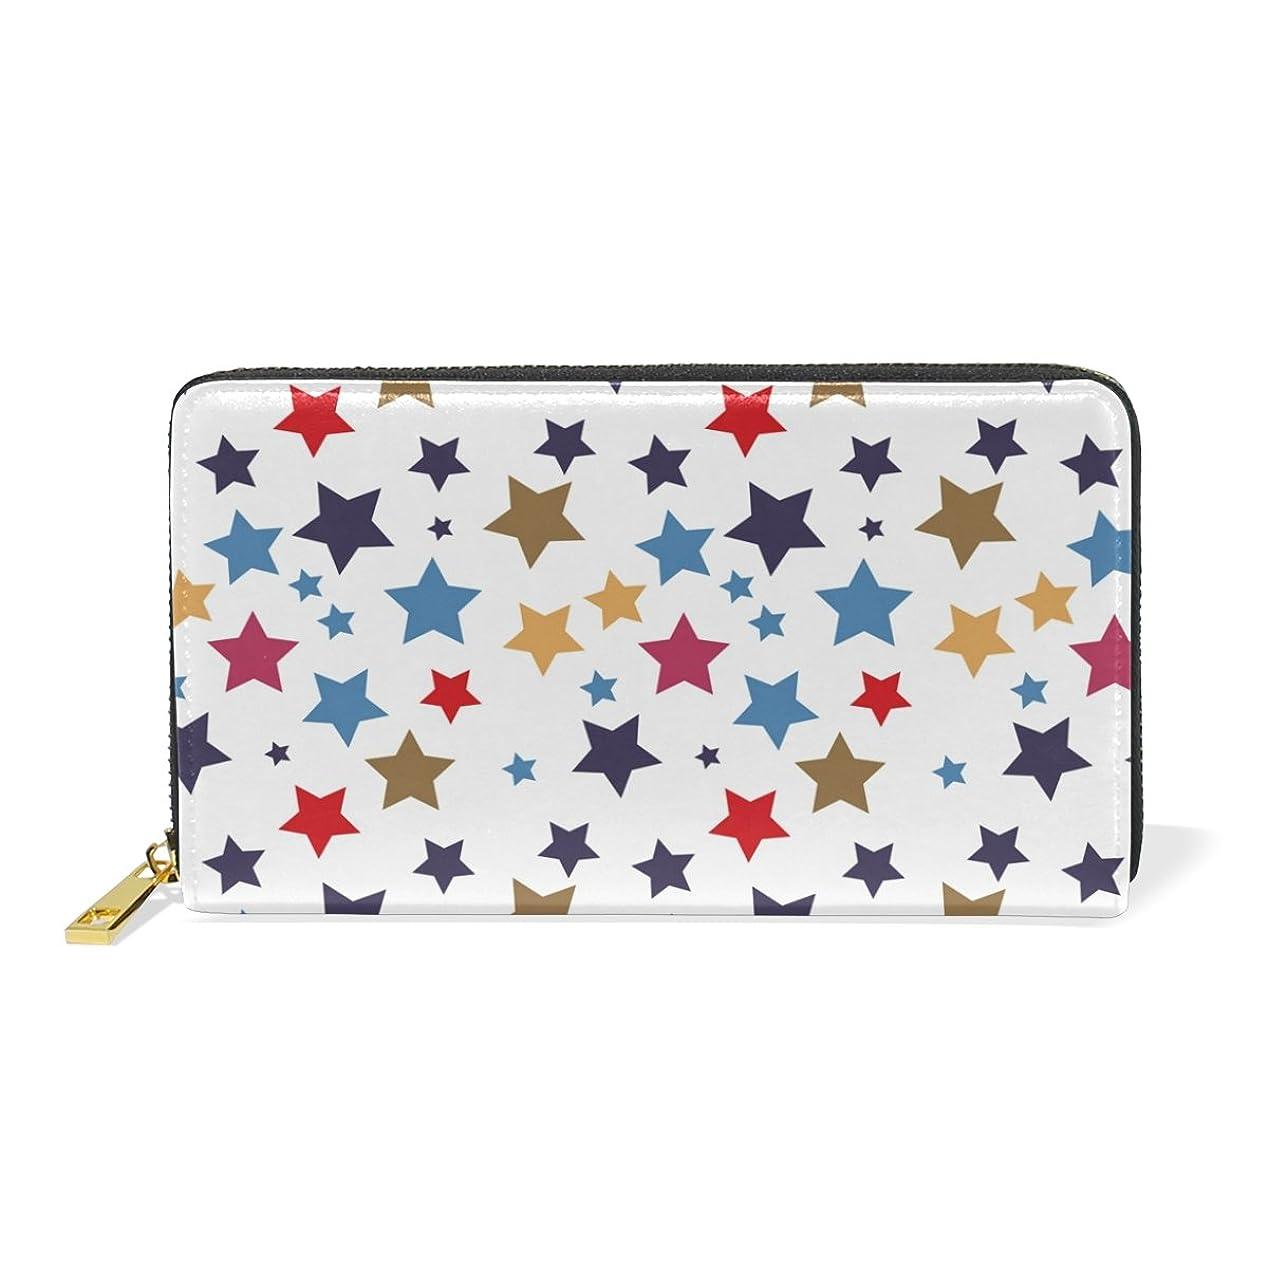 ハンサム隔離エキスパートマキク(MAKIKU) 長財布 レディース 本革 大容量 ラウンドファスナー カード12枚収納 プレゼント対応 星柄 かわいい ホワイト